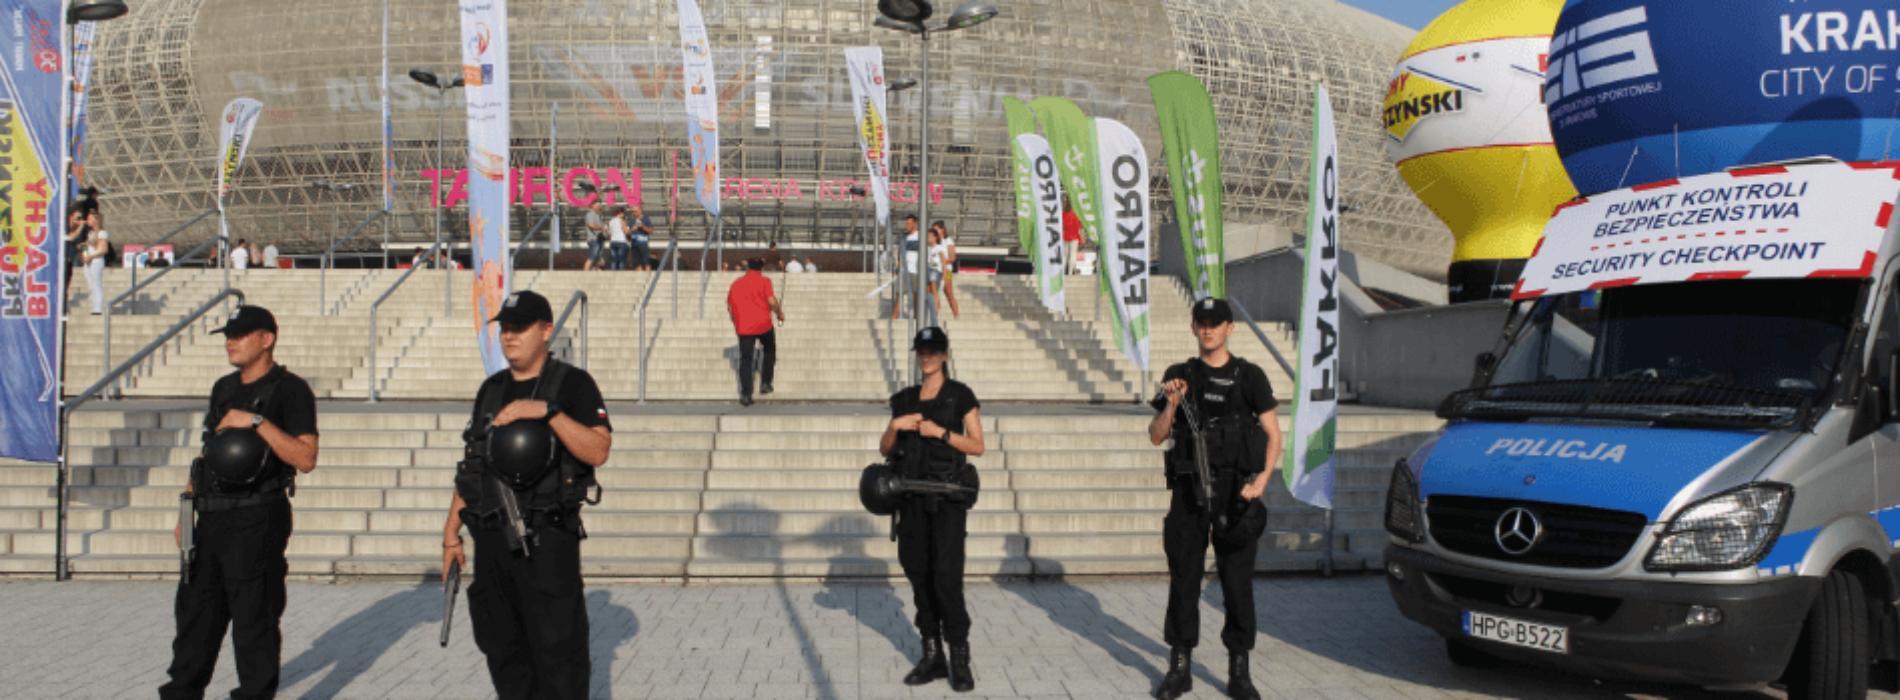 Krakowscy policjanci zabezpieczają Lotto Eurovolley Poland 2017